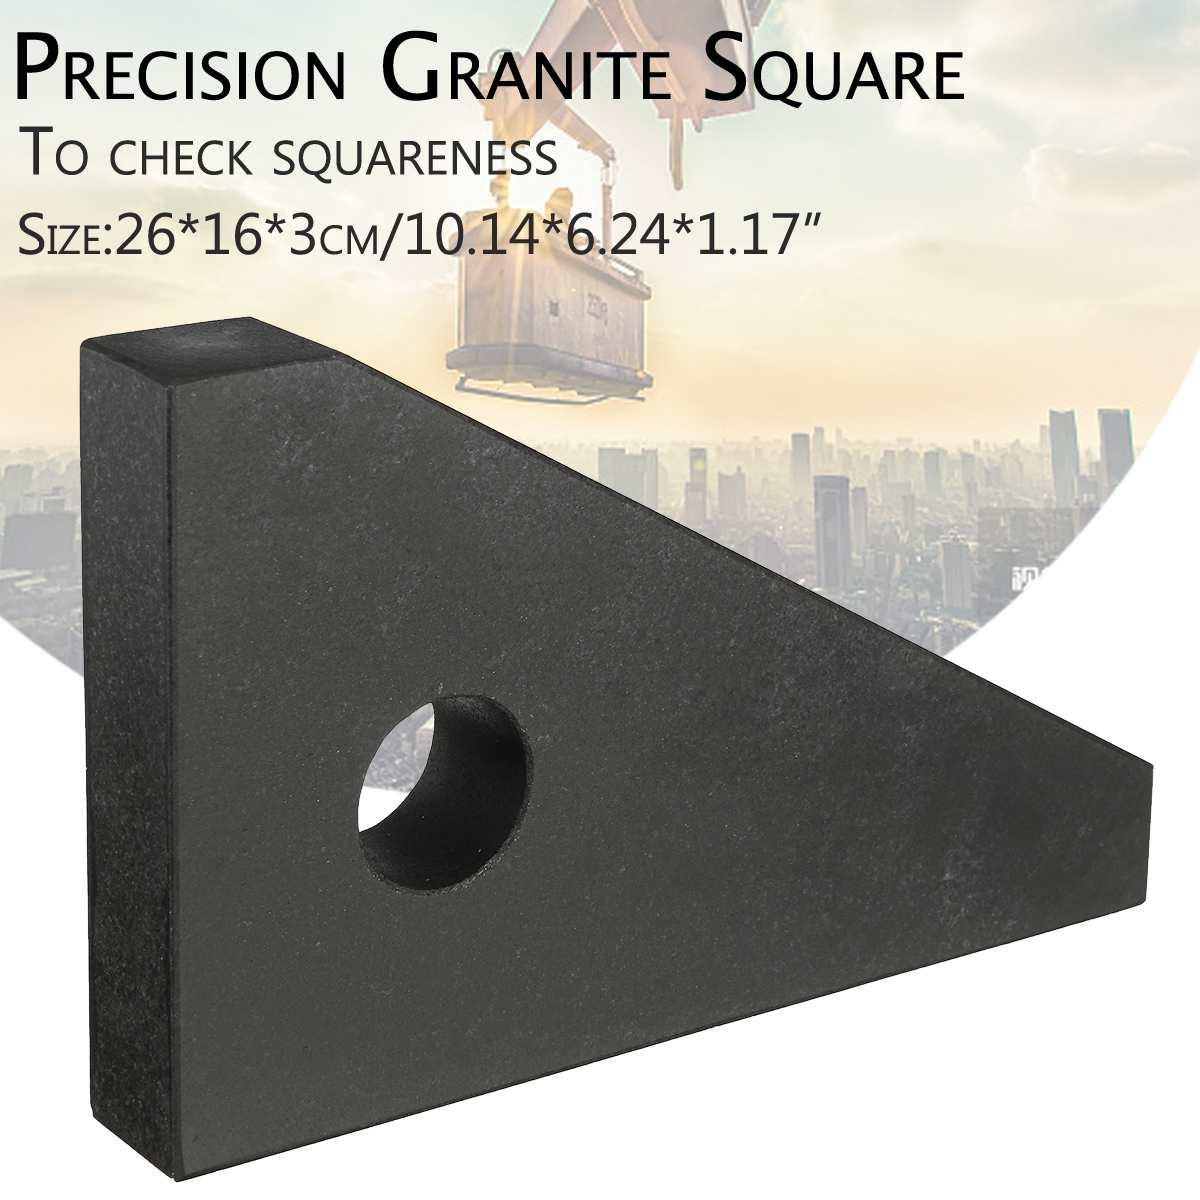 Métrica de Medição Régua de Mármore Ângulo Régua Triangular Quadrado Woodwork Velocidade Triângulo Precisão Granito Mod. 177455